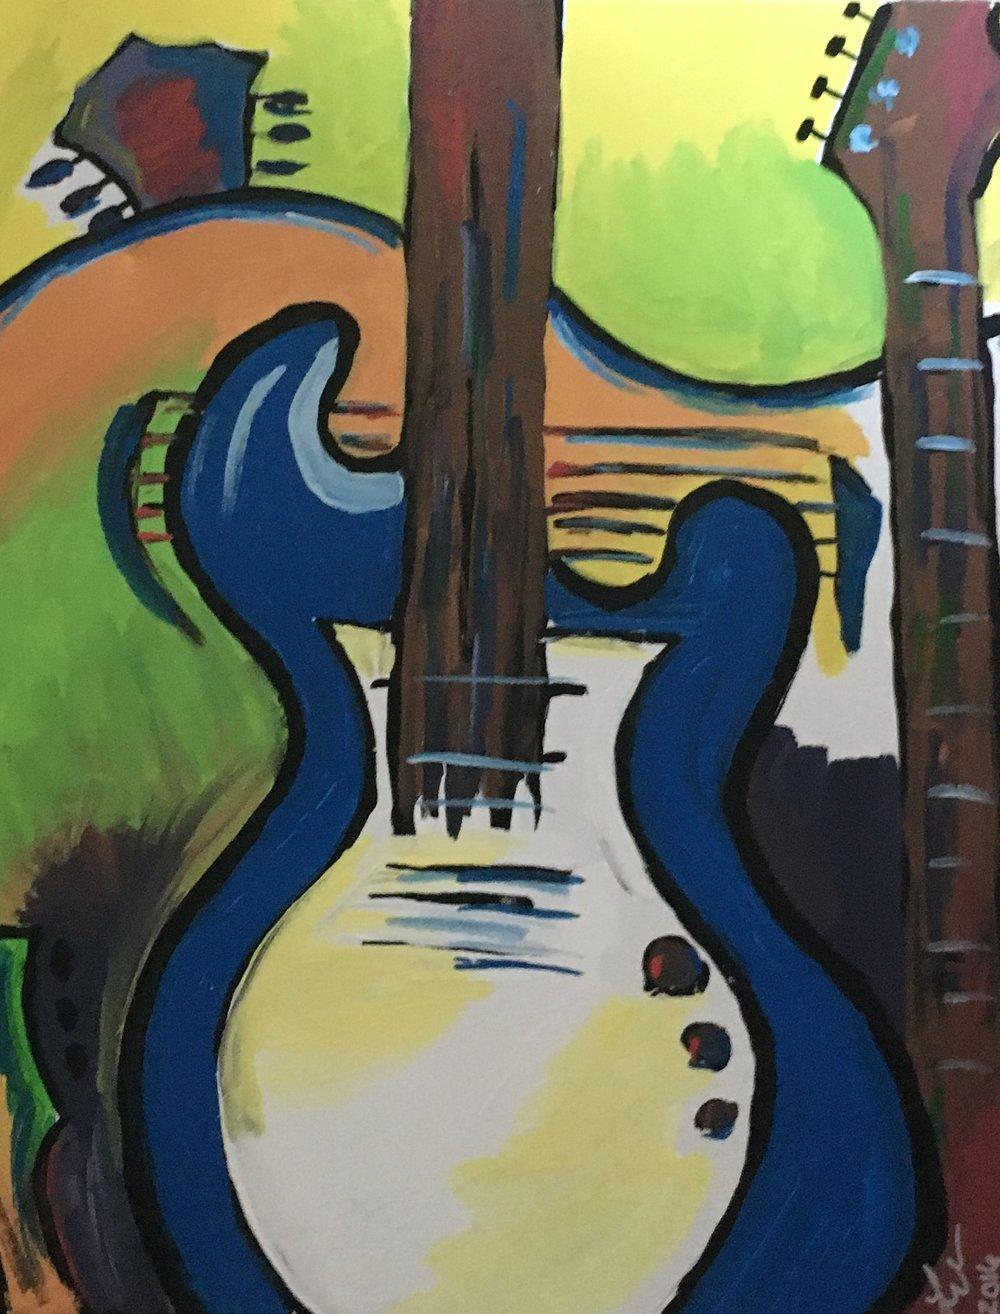 Music City Guitars